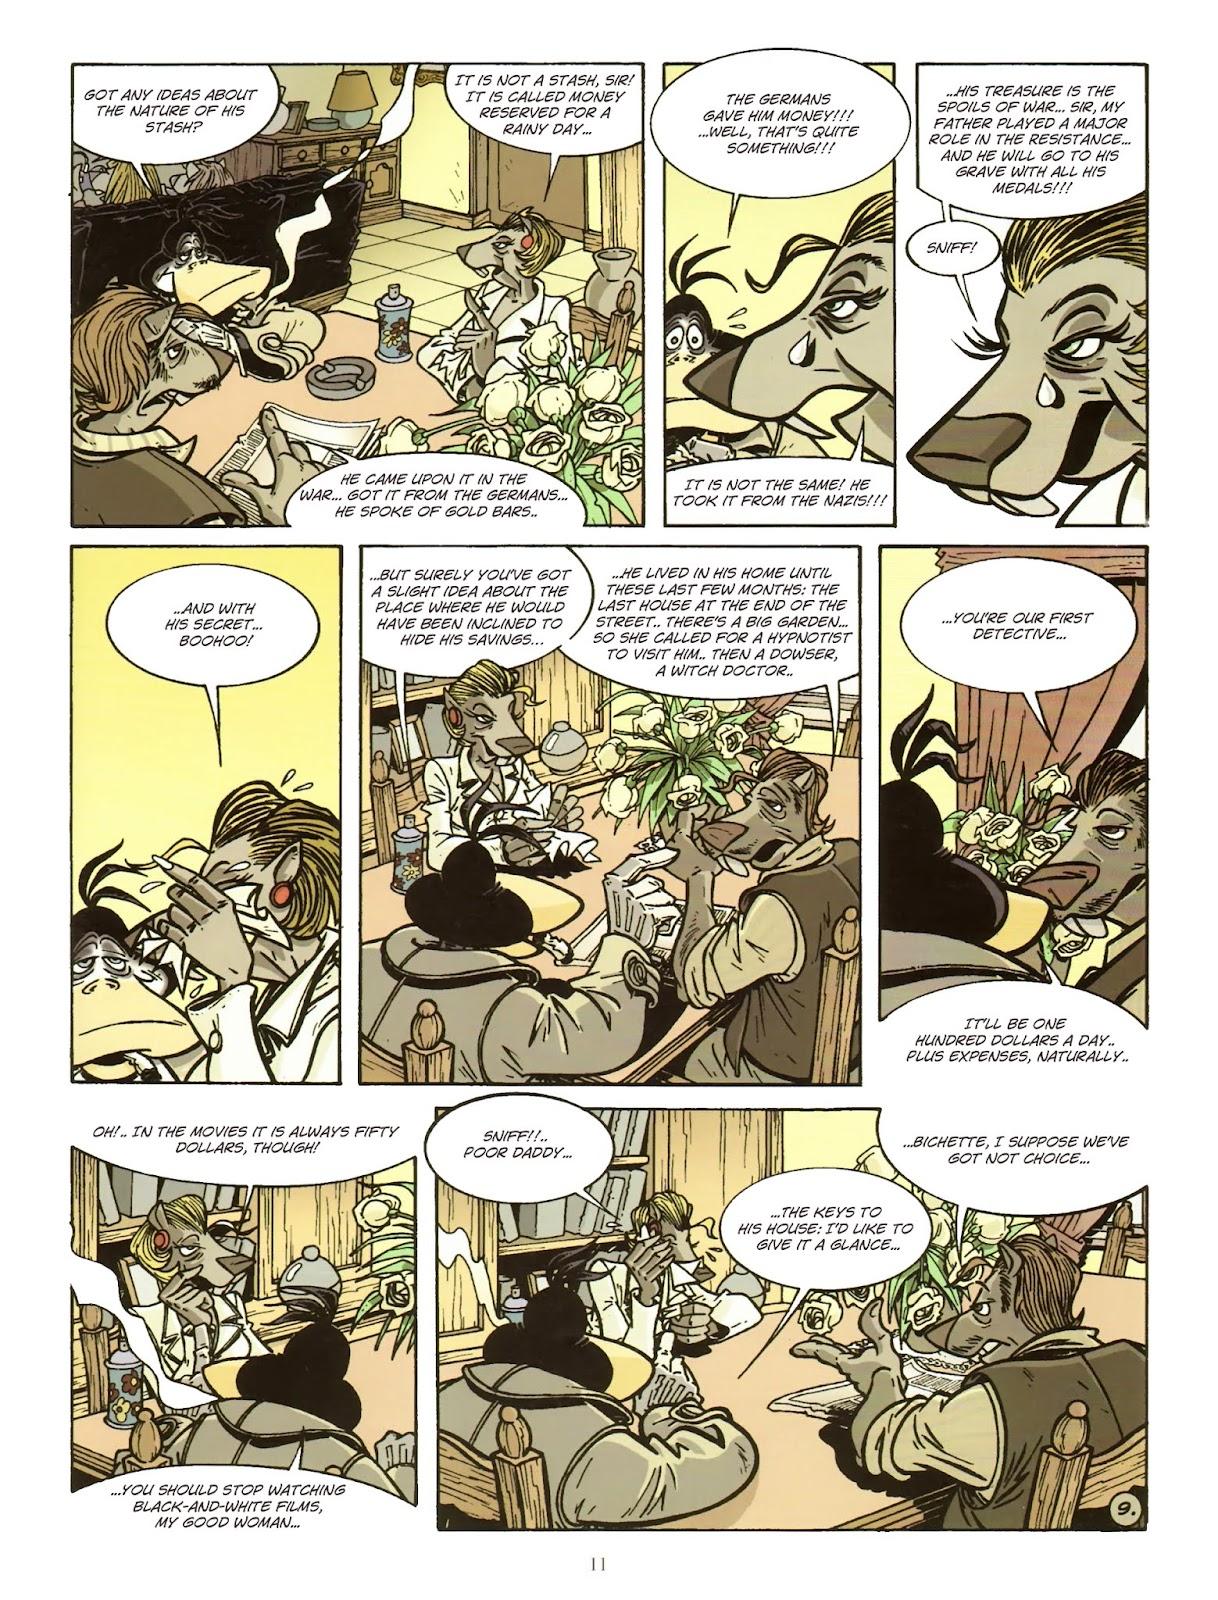 Une enquête de l'inspecteur Canardo issue 11 - Page 12